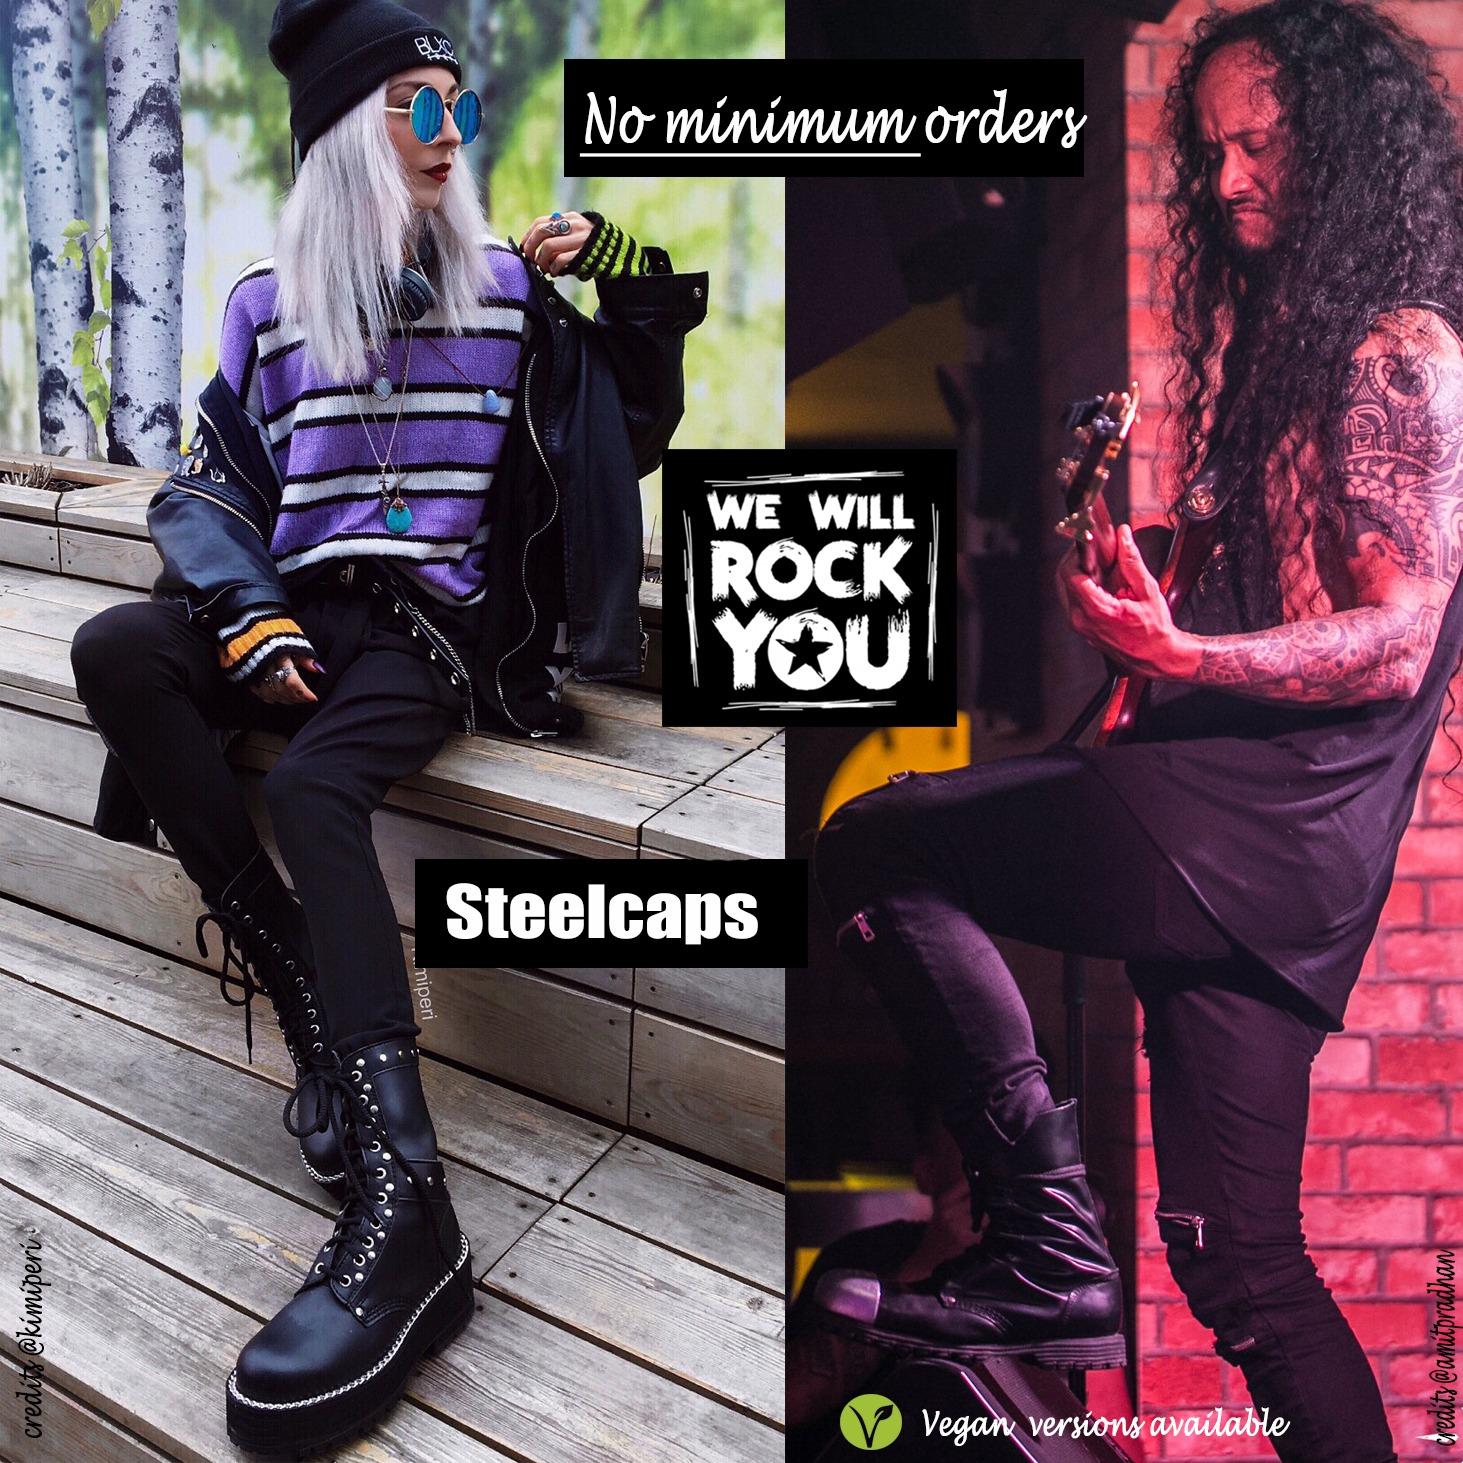 Steelcaps